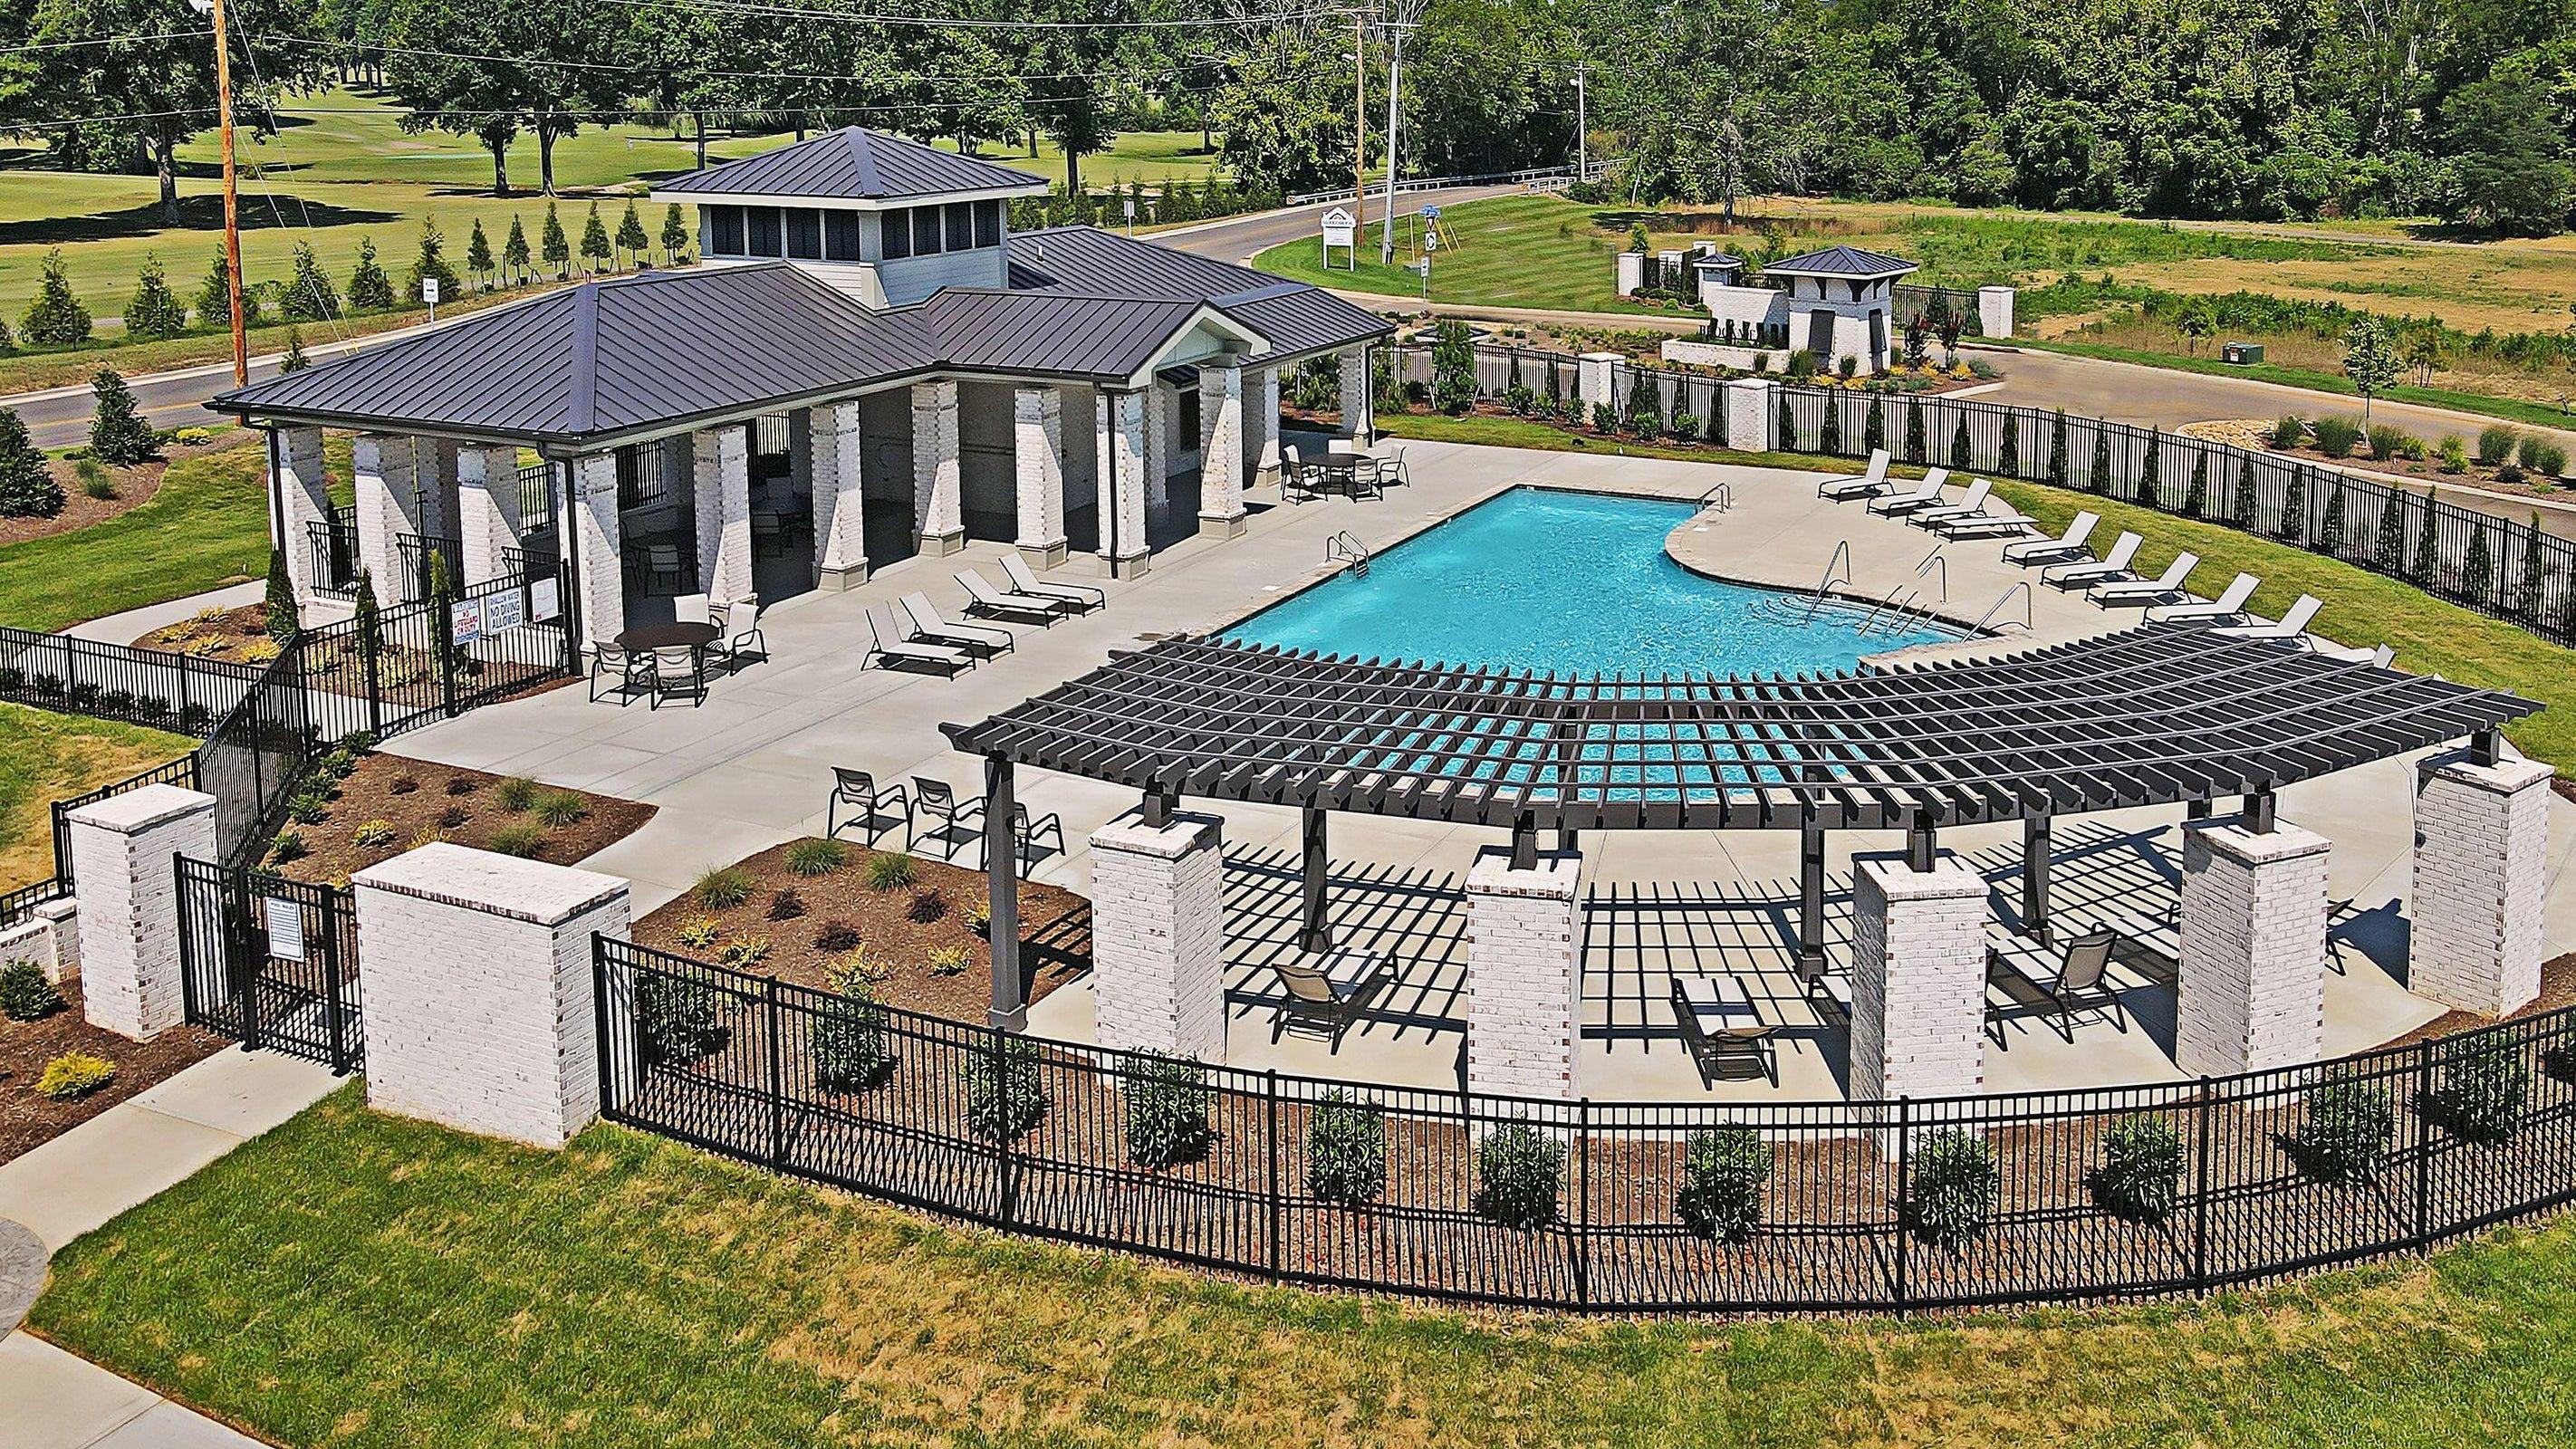 pool area and pergola